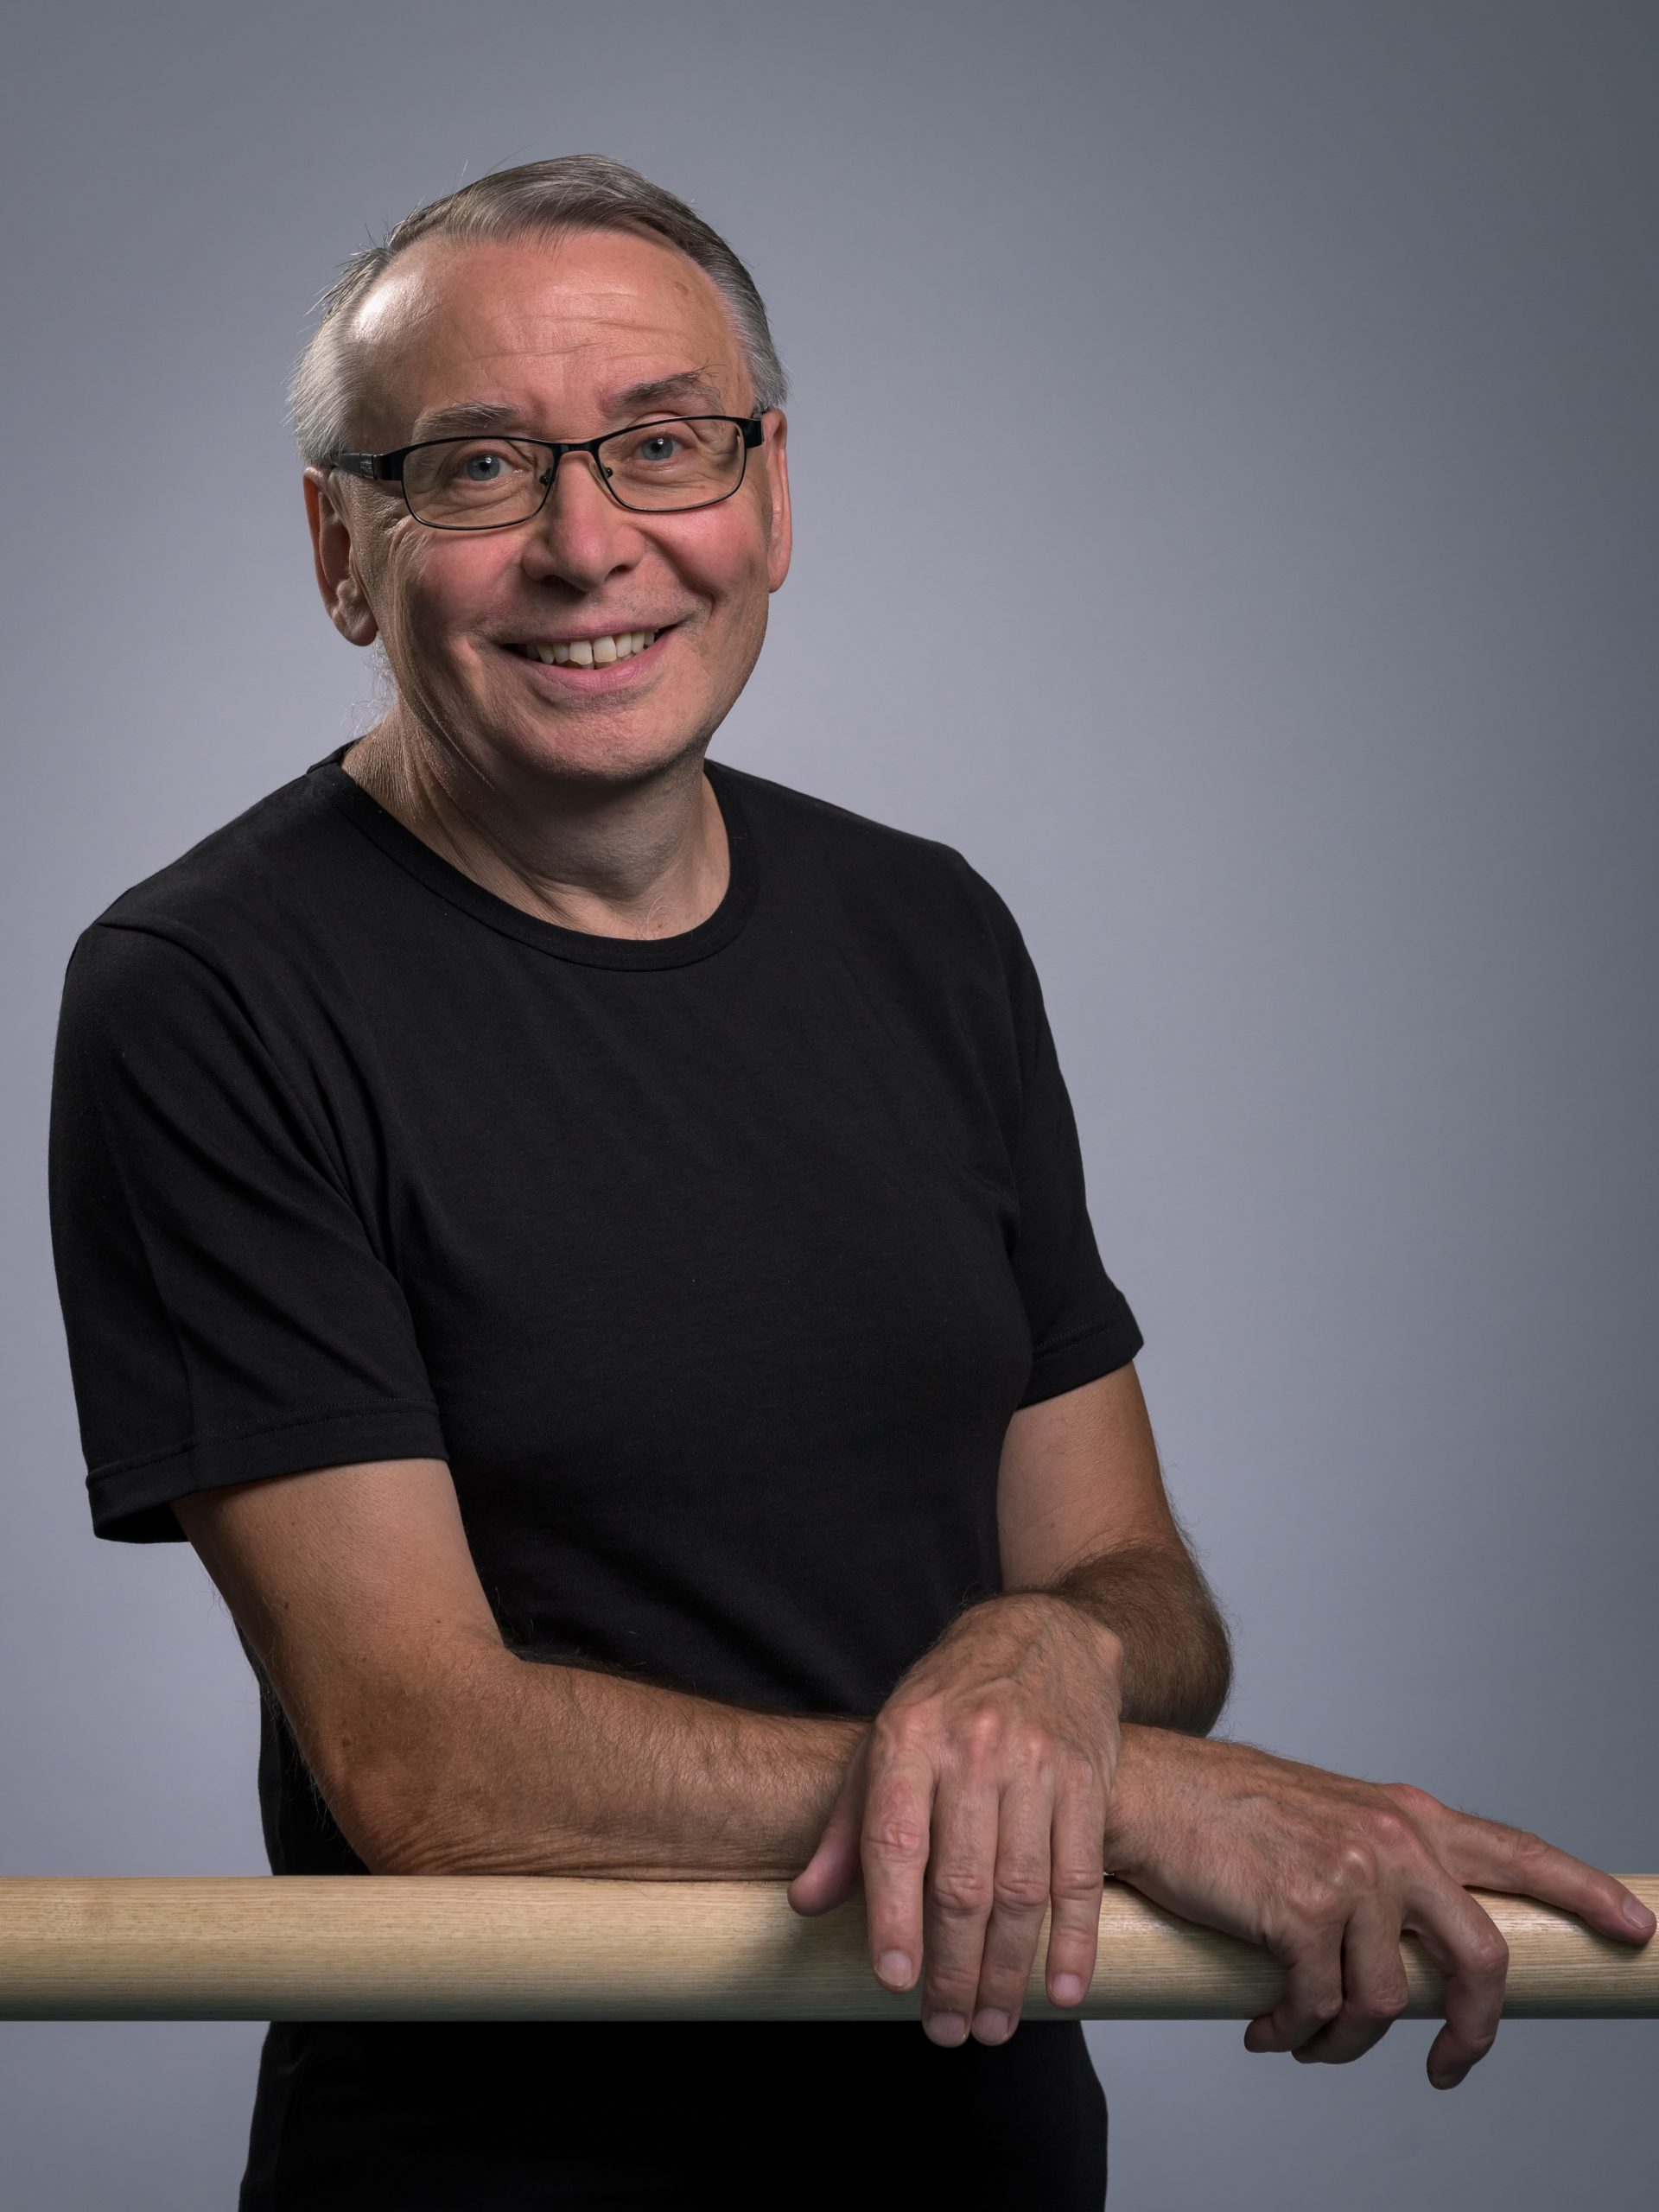 Pavel Hrbáček (Balet)